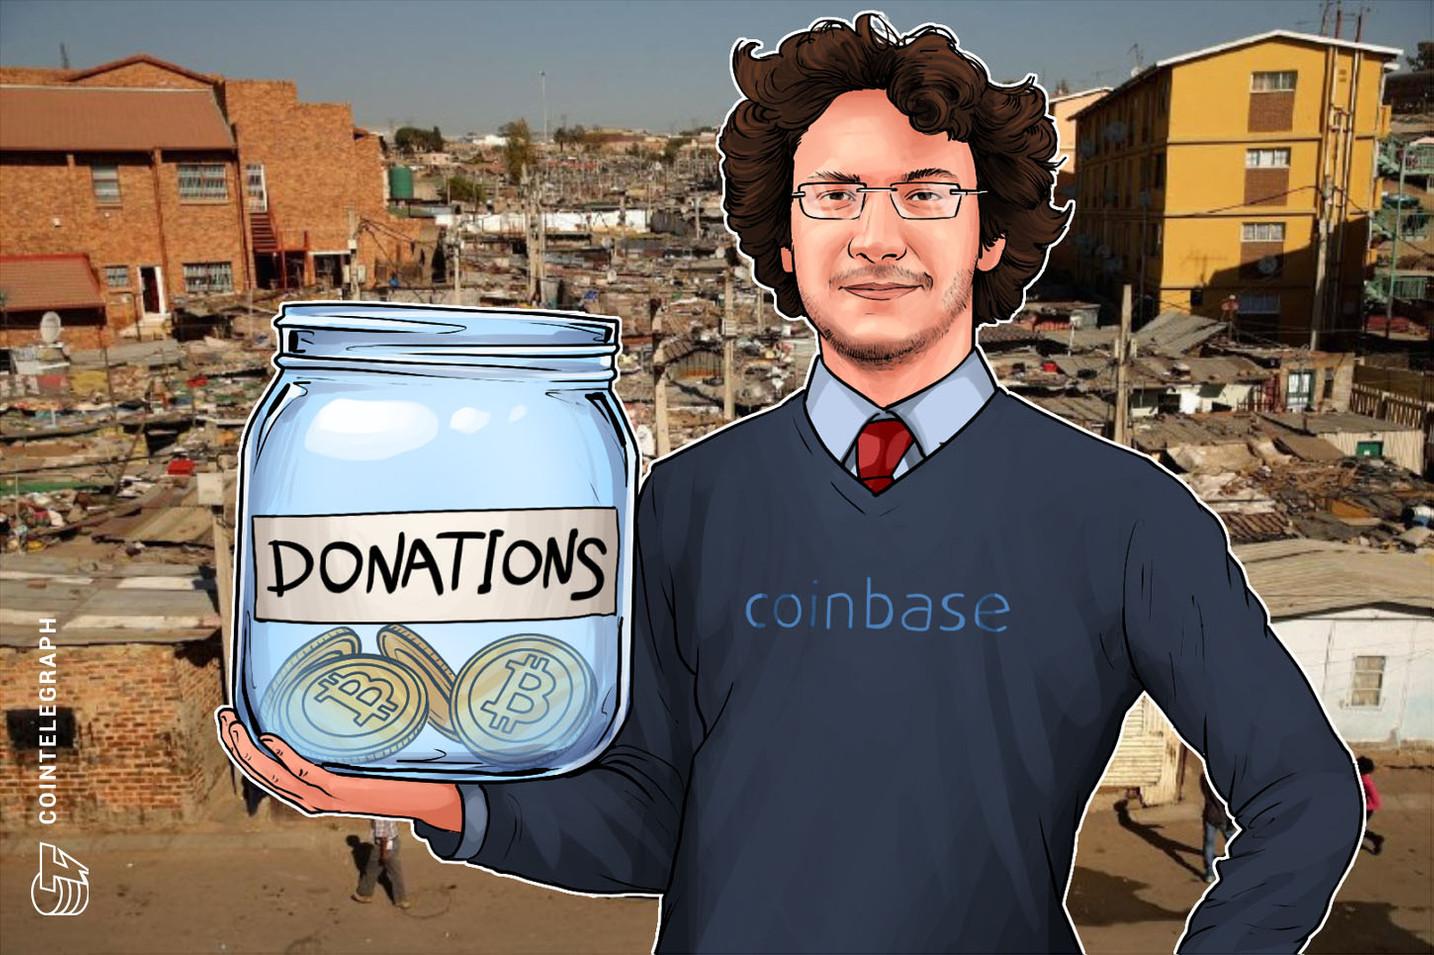 الرئيس التنفيذي لشركة كوين بيز يُطلق مبادرة خيرية لمساعدة الناس في الأسواق الناشئة